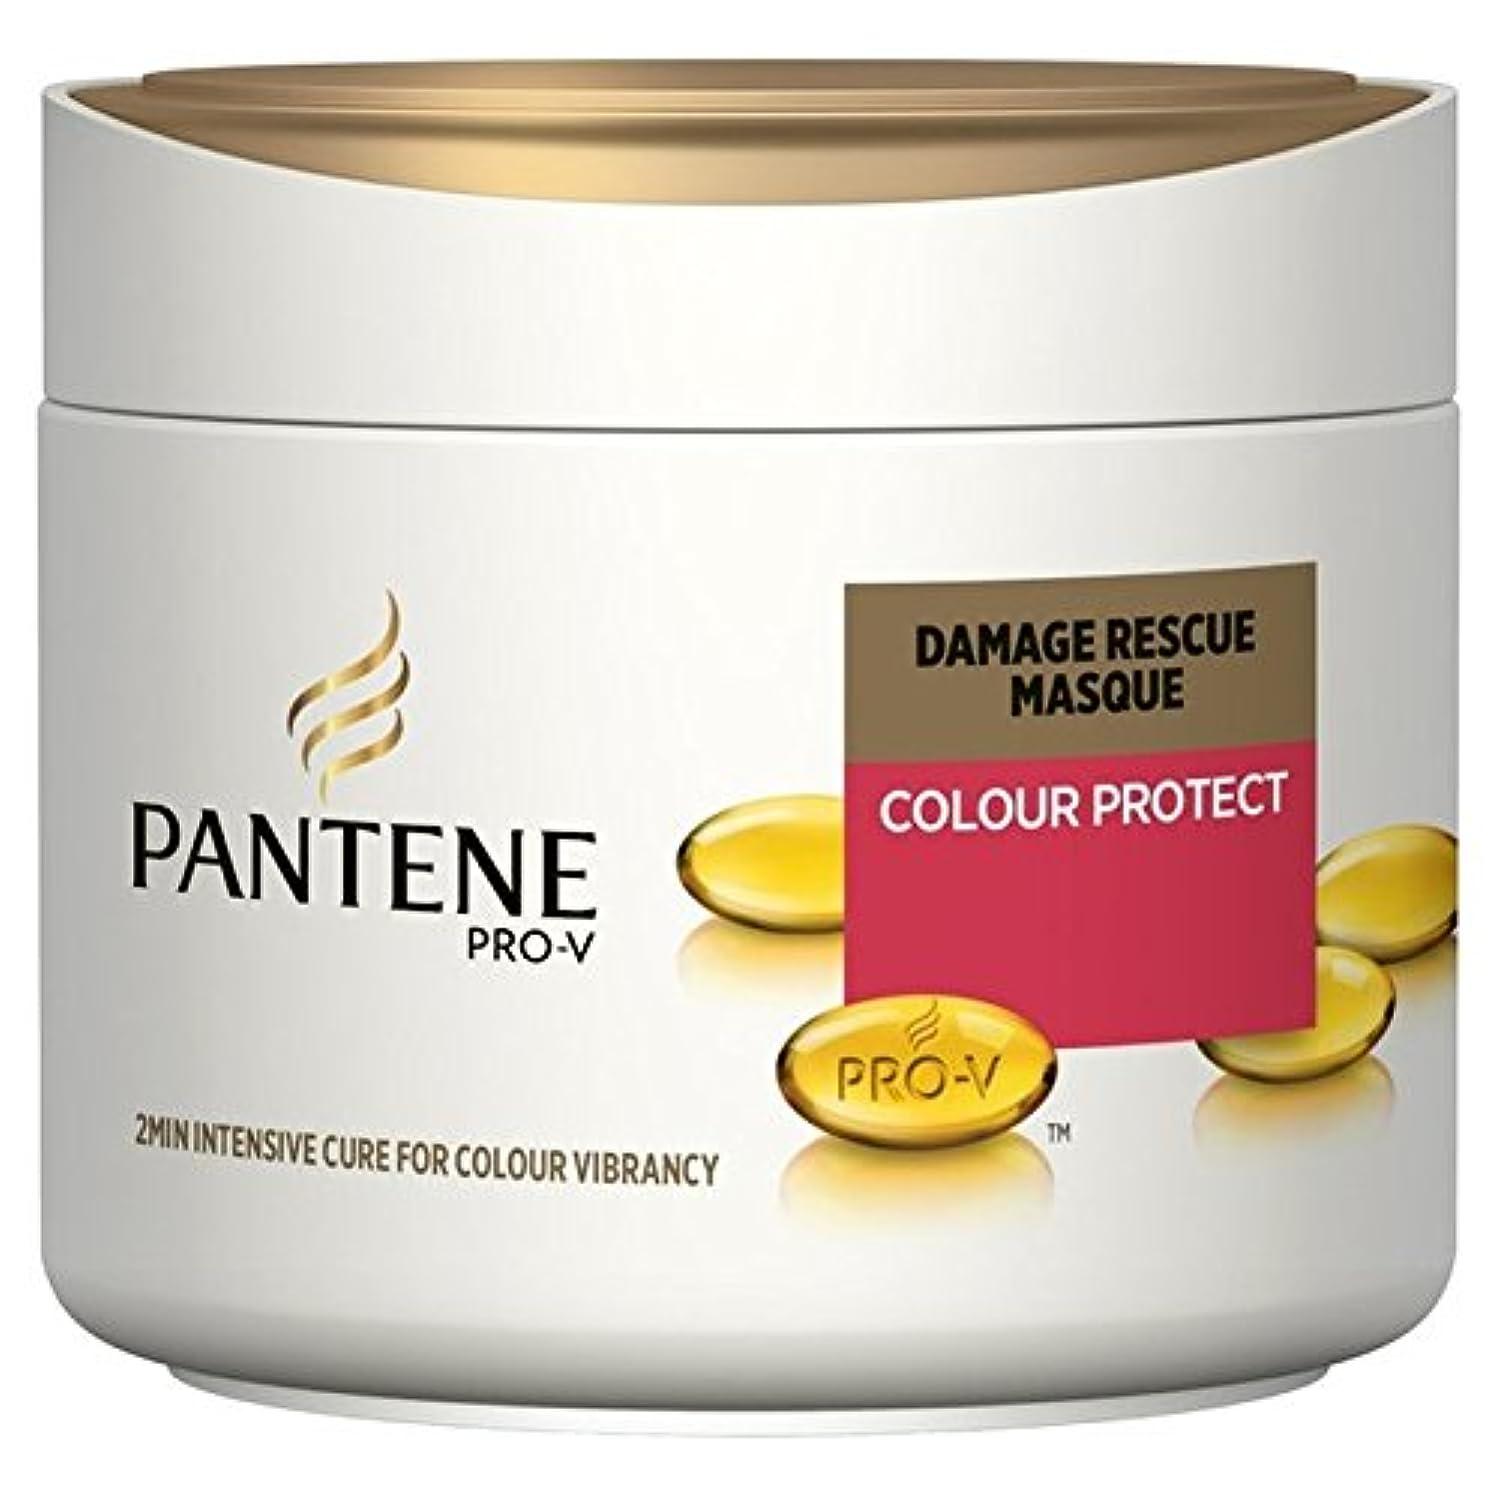 反対全滅させるリスパンテーンの2分の色が損傷レスキュー仮面の300ミリリットルを保護します x2 - Pantene 2min Colour Protect Damage Rescue Masque 300ml (Pack of 2) [並行輸入品]